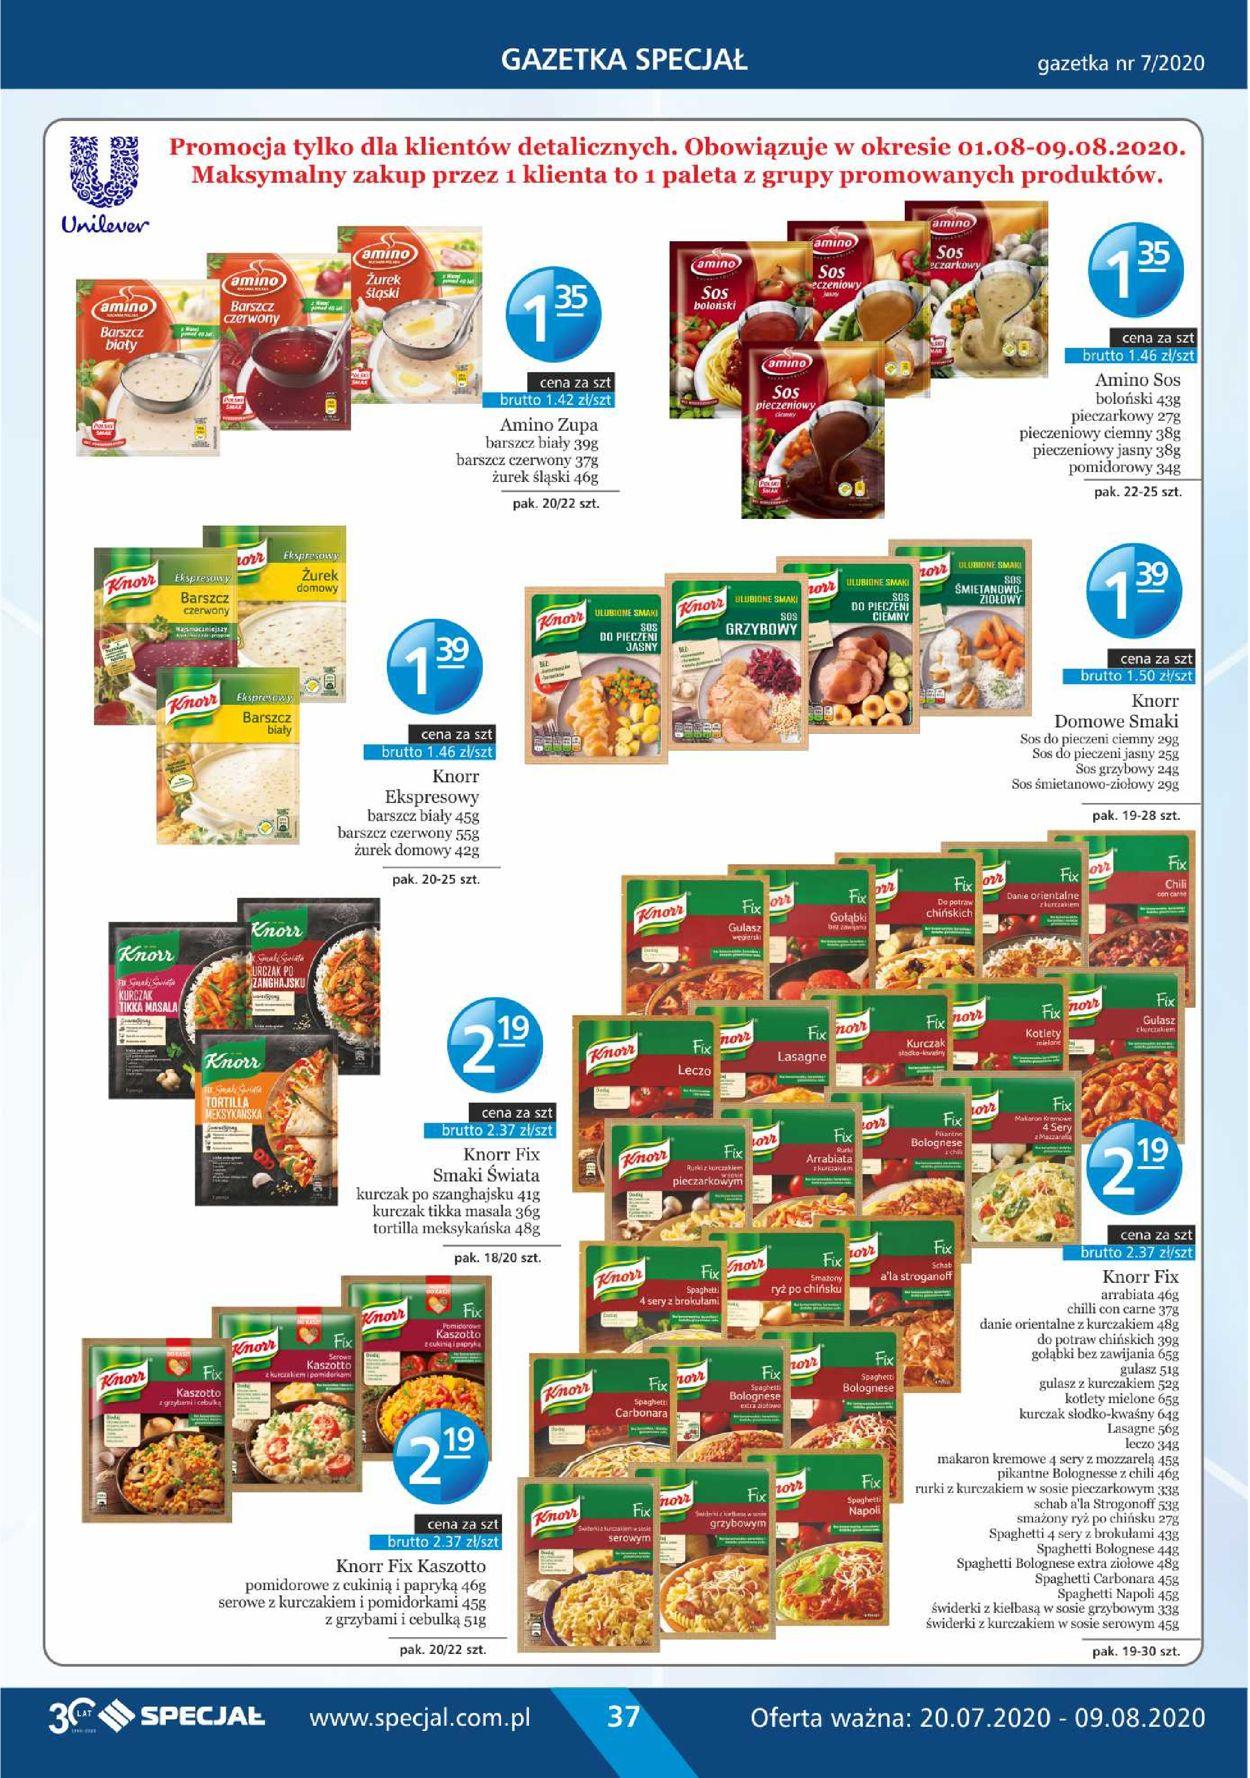 Gazetka promocyjna Specjał - 20.07-09.08.2020 (Strona 37)